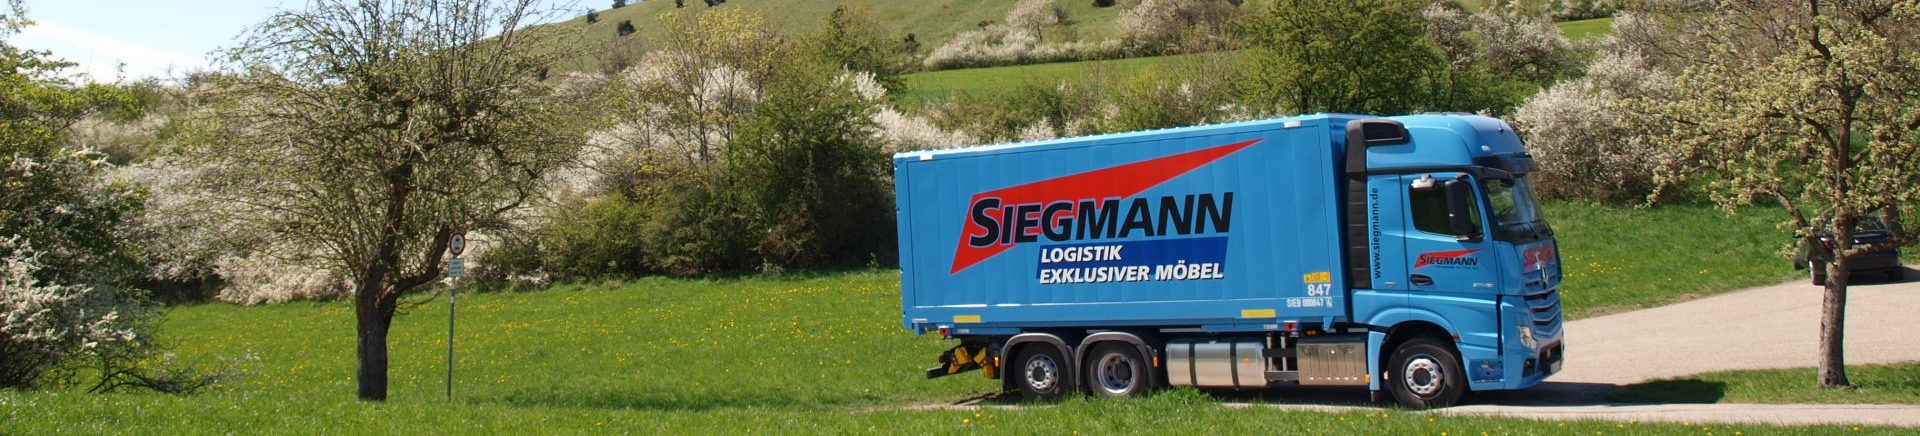 Siegmann Lkw unterwegs auf dem Land